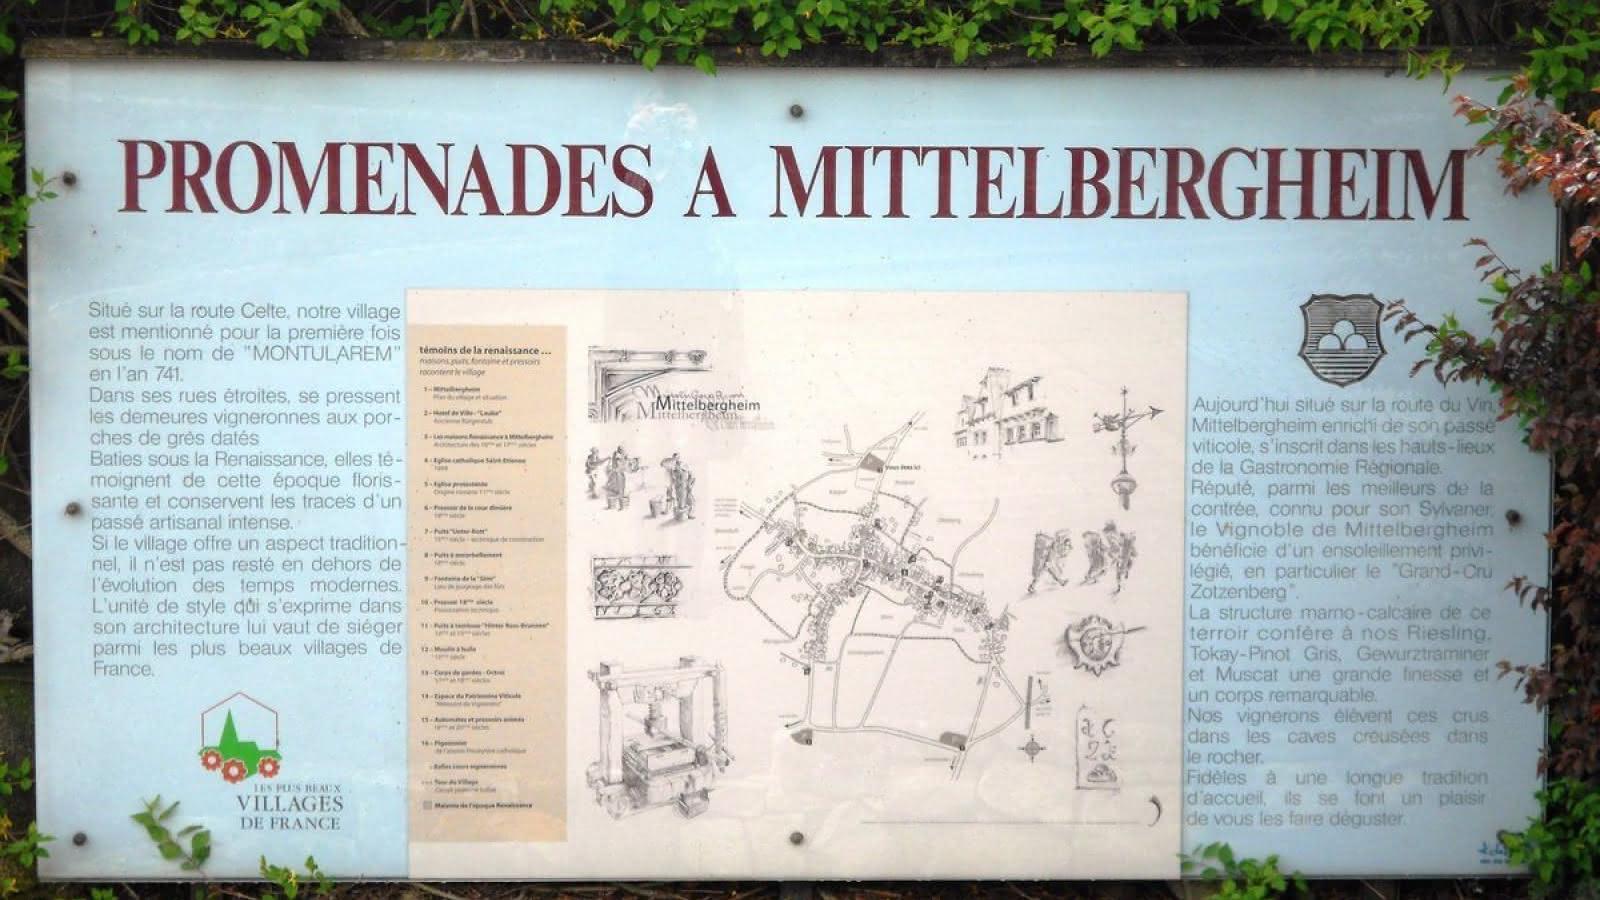 Www Un Temps Pour Elles Com bed and breakfast le petit nid - mittelbergheim | visit alsace